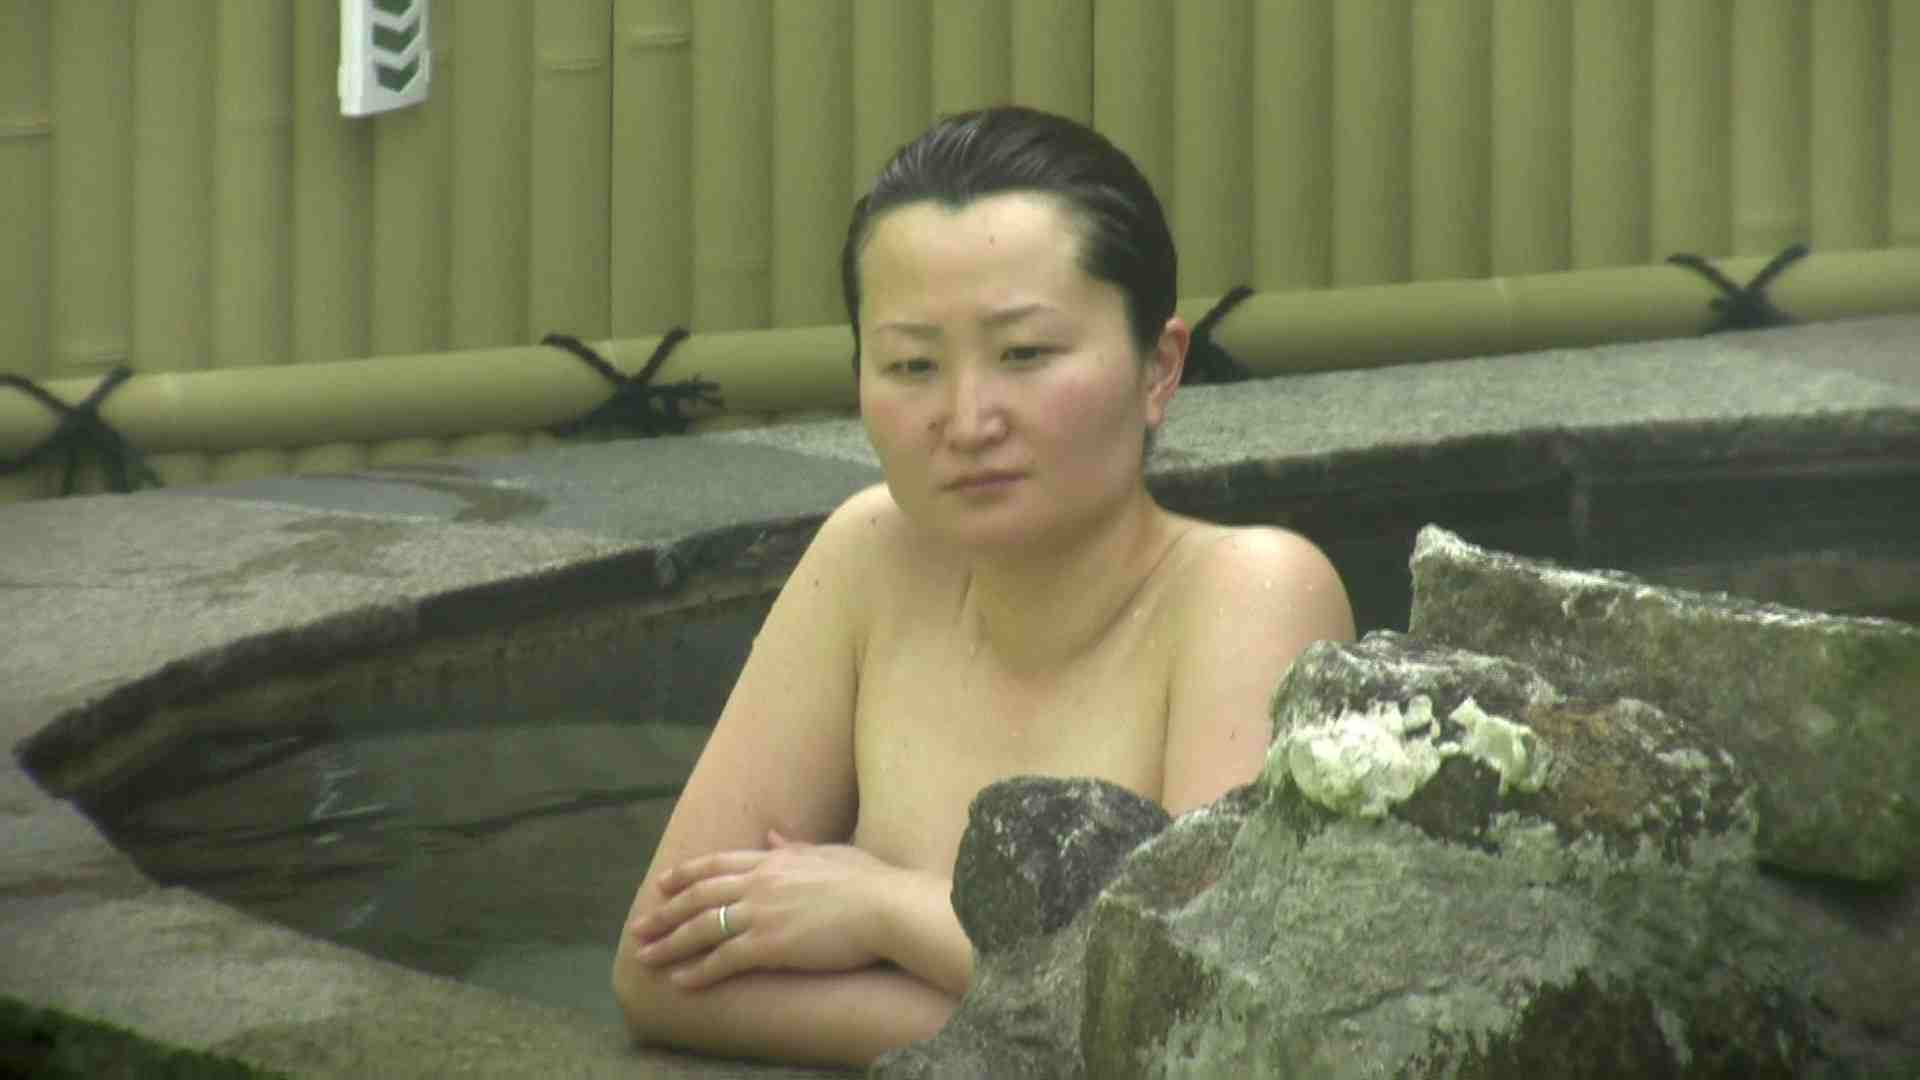 Aquaな露天風呂Vol.632 女体盗撮  75連発 69